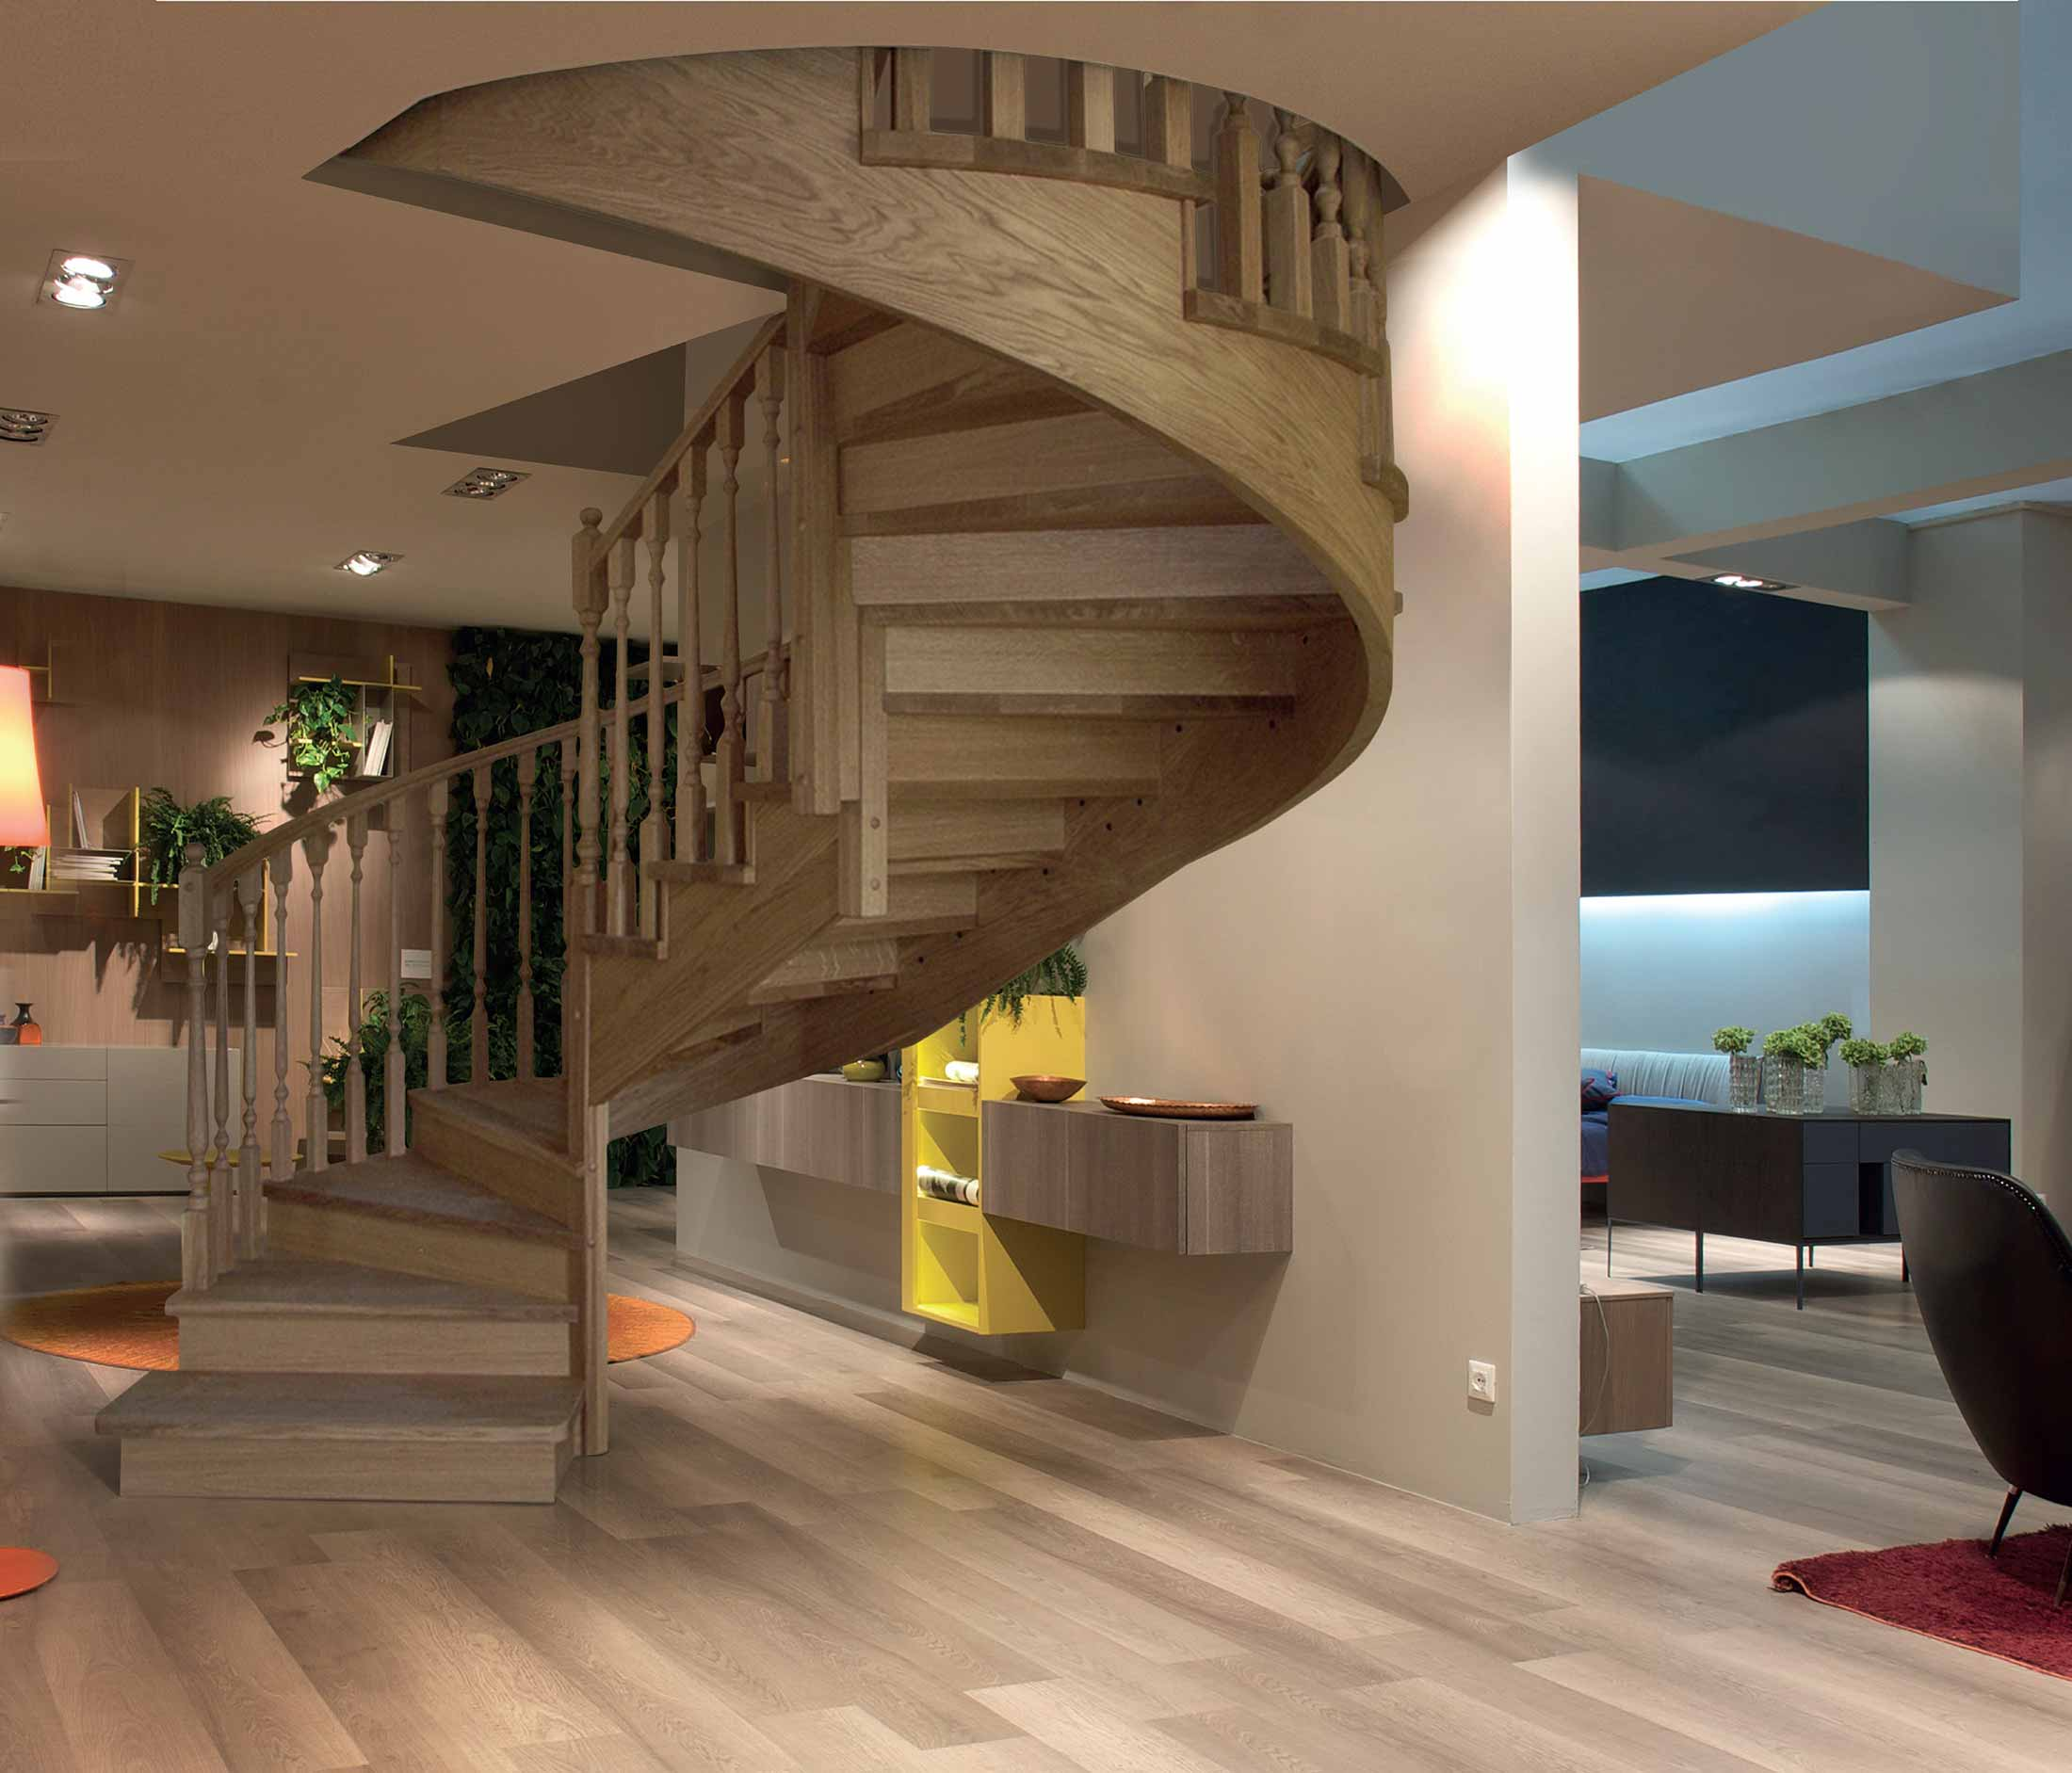 Realizzaziamo scale in legno in tutta italia contattaci for Chiusura vano scala interno